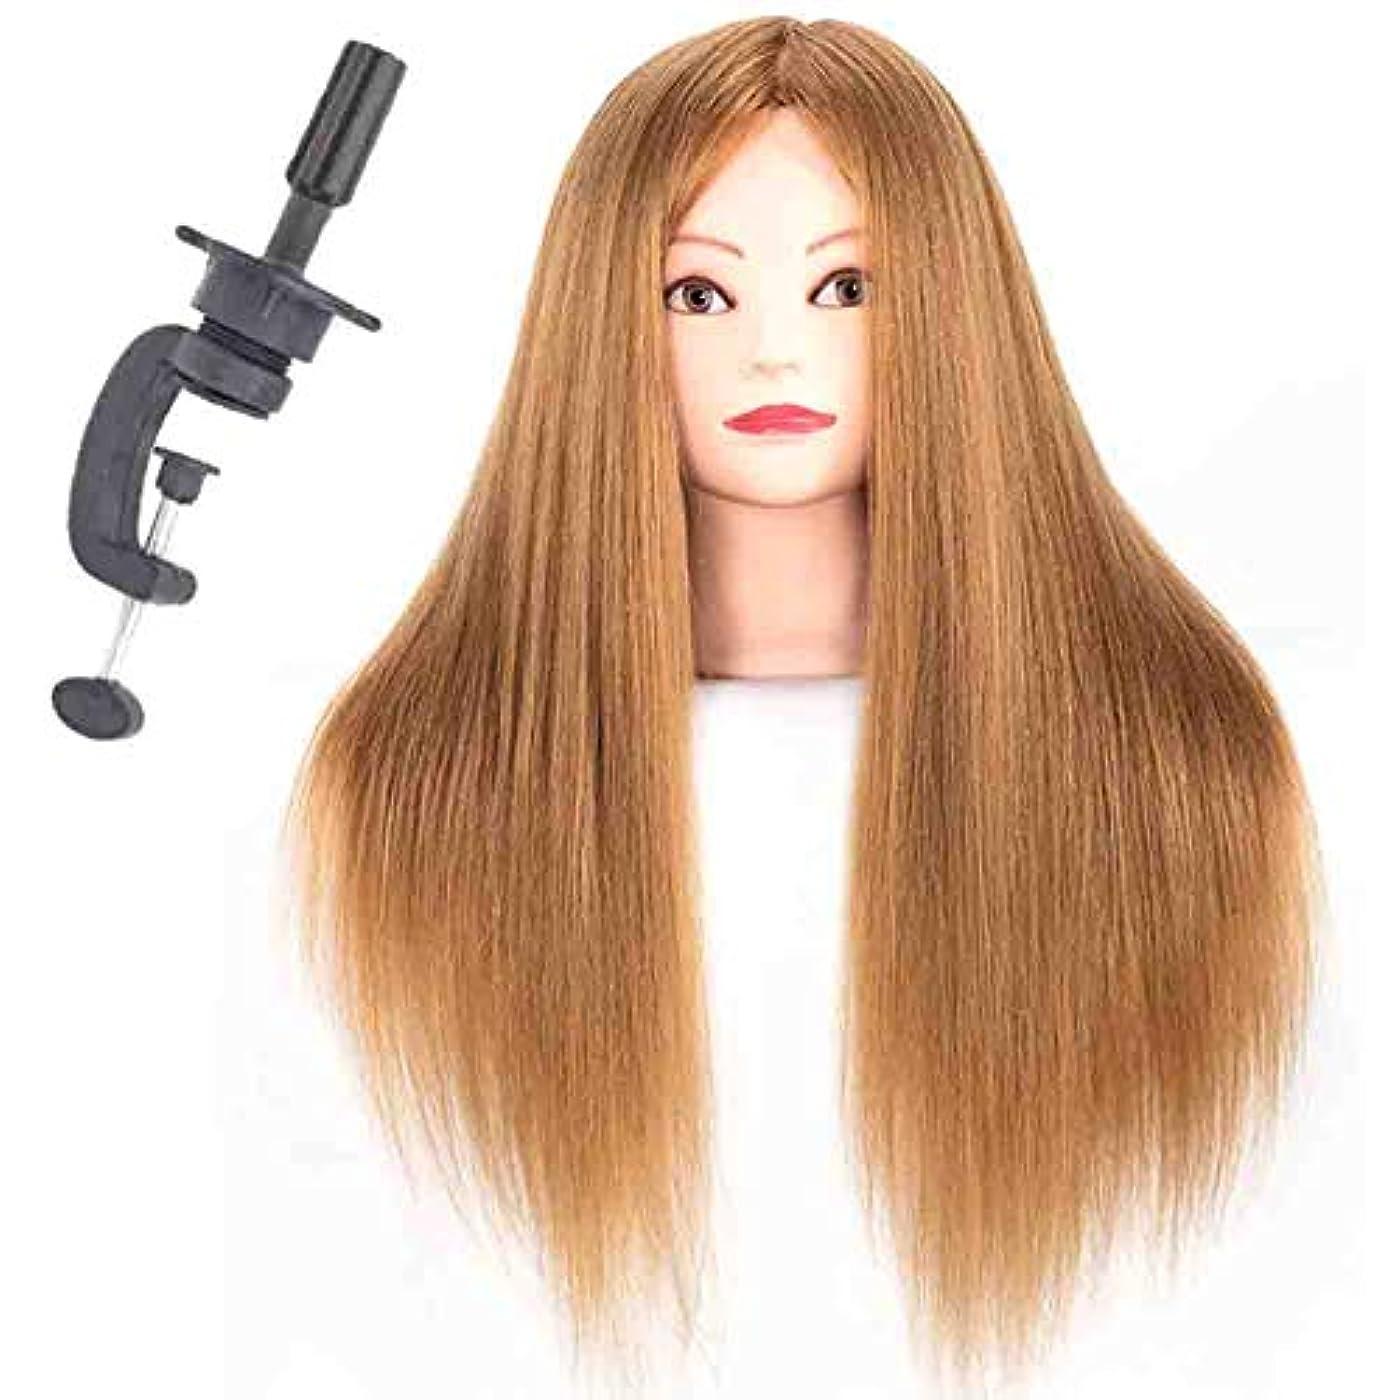 レッドデート本当に定期的な85%ミックスリアルヘアトレーニングヘッド花嫁ヘア三つ編みヘアサロンヘアカットカーリングロッド形状モデルダミーヘッド